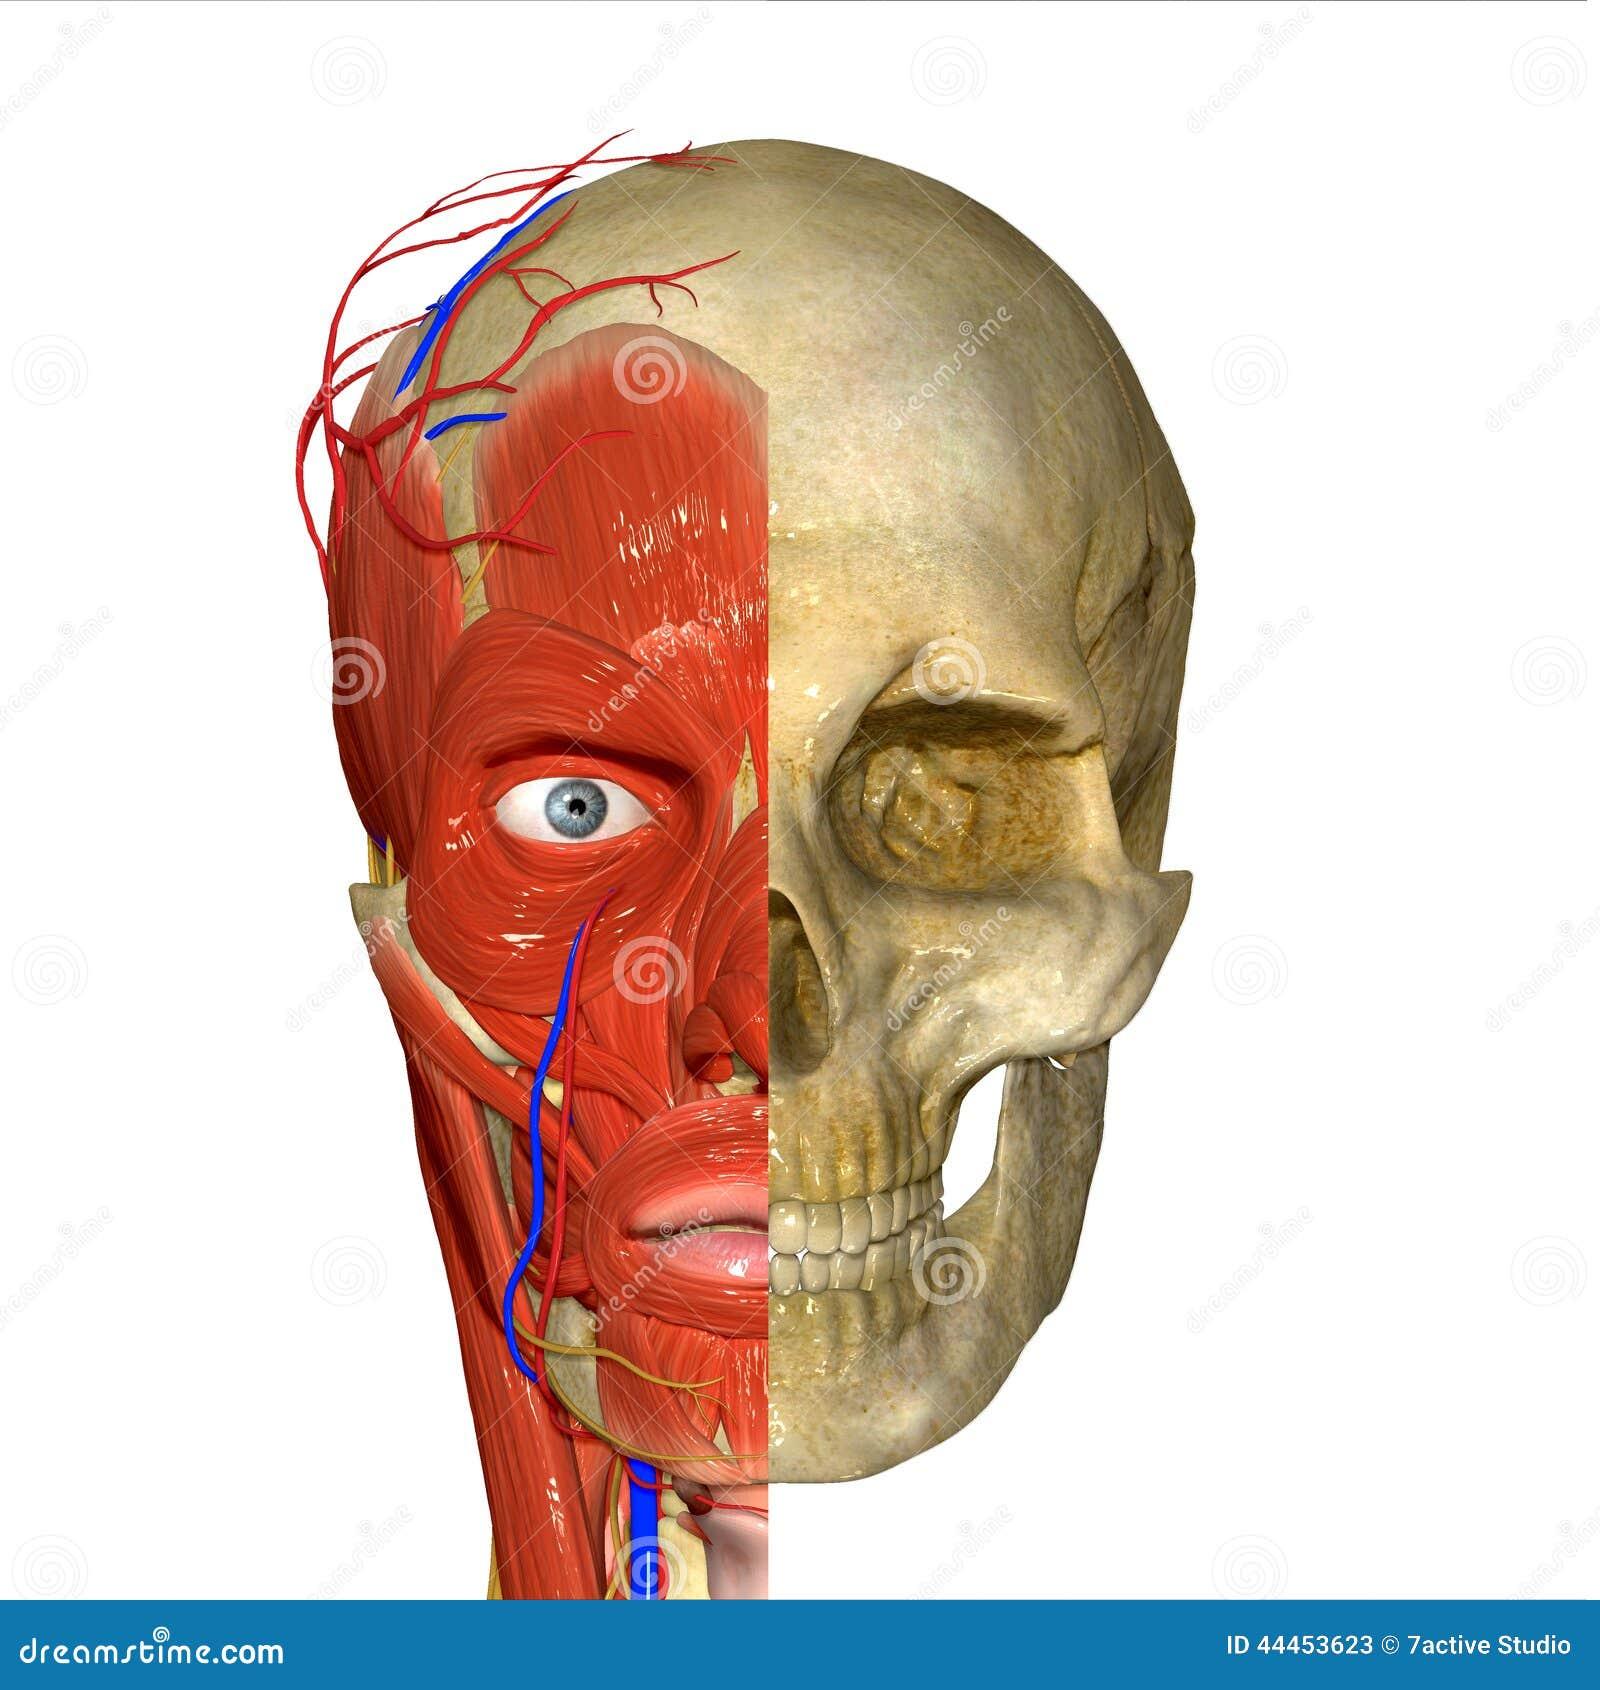 Skull stock illustration. Illustration of lips, female - 44453623